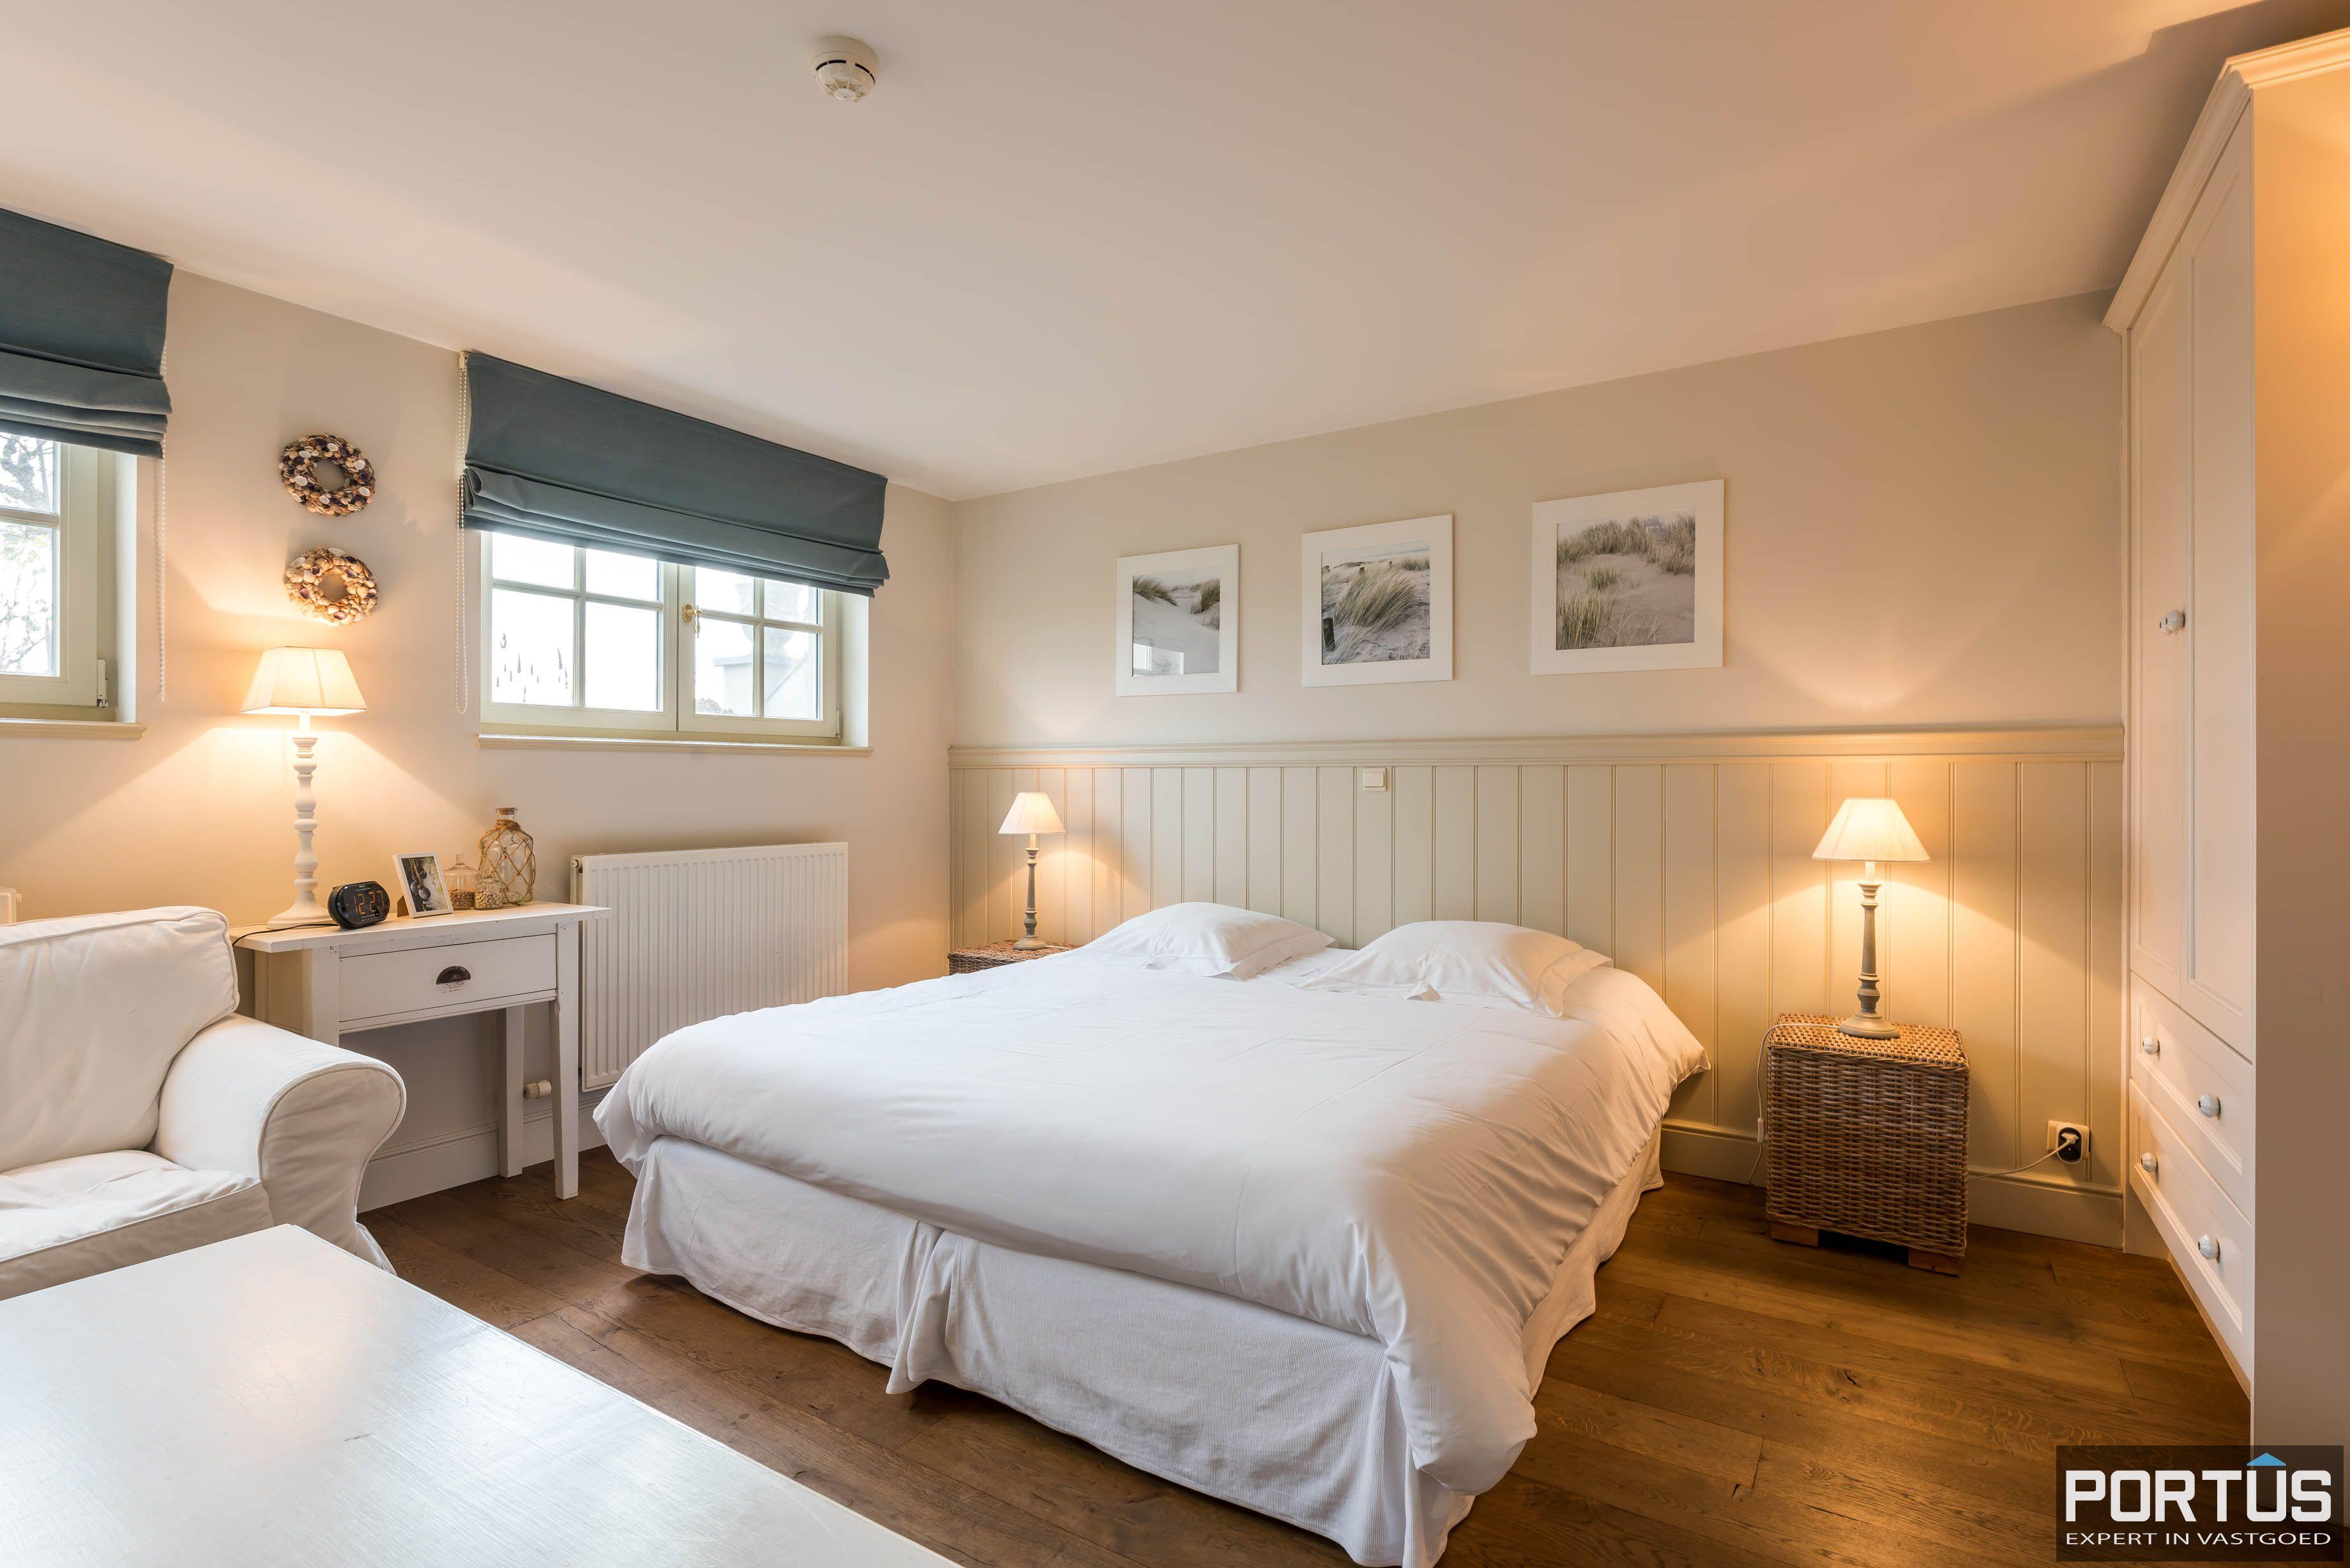 Villa/B&B te koop Westende met 6 slaapkamers - 5455